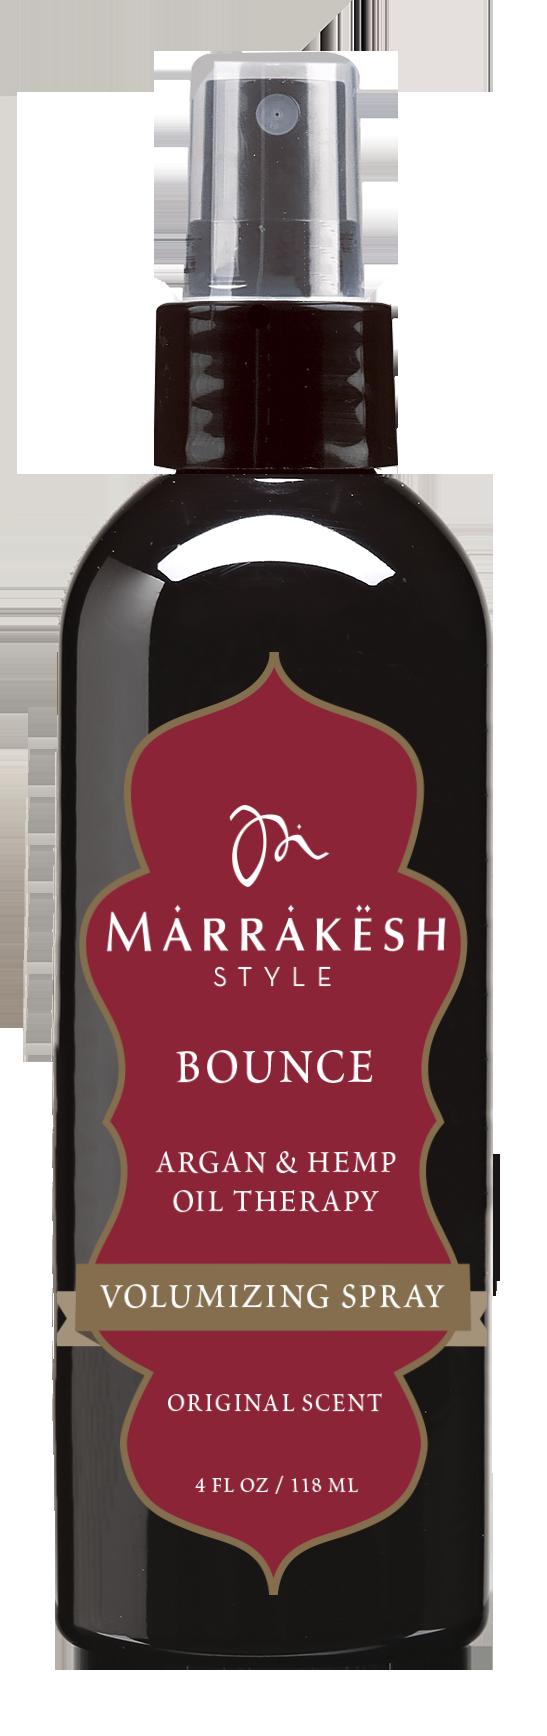 MARRAKESH Спрей для волос, придающий объем /Marrakesh Styling Volumizing Spray 118 млСпреи<br>Спрей для объема Marrakesh предназначен для создания невесомого объема без чувства липкости и жесткости даже на самых тонких волосах. Придает волосам плотность по длине и приподнимает у корней. Формула без спирта не сушит волосы, ухаживая за ними благодаря содержанию комплекса масел Арганы и семян Конопли. Позволяет создать эффект  пляжных волн . Способ применения: нанести на влажные, подсушенные полотенцем волосы. Приступить к укладке.<br><br>Объем: 118 мл